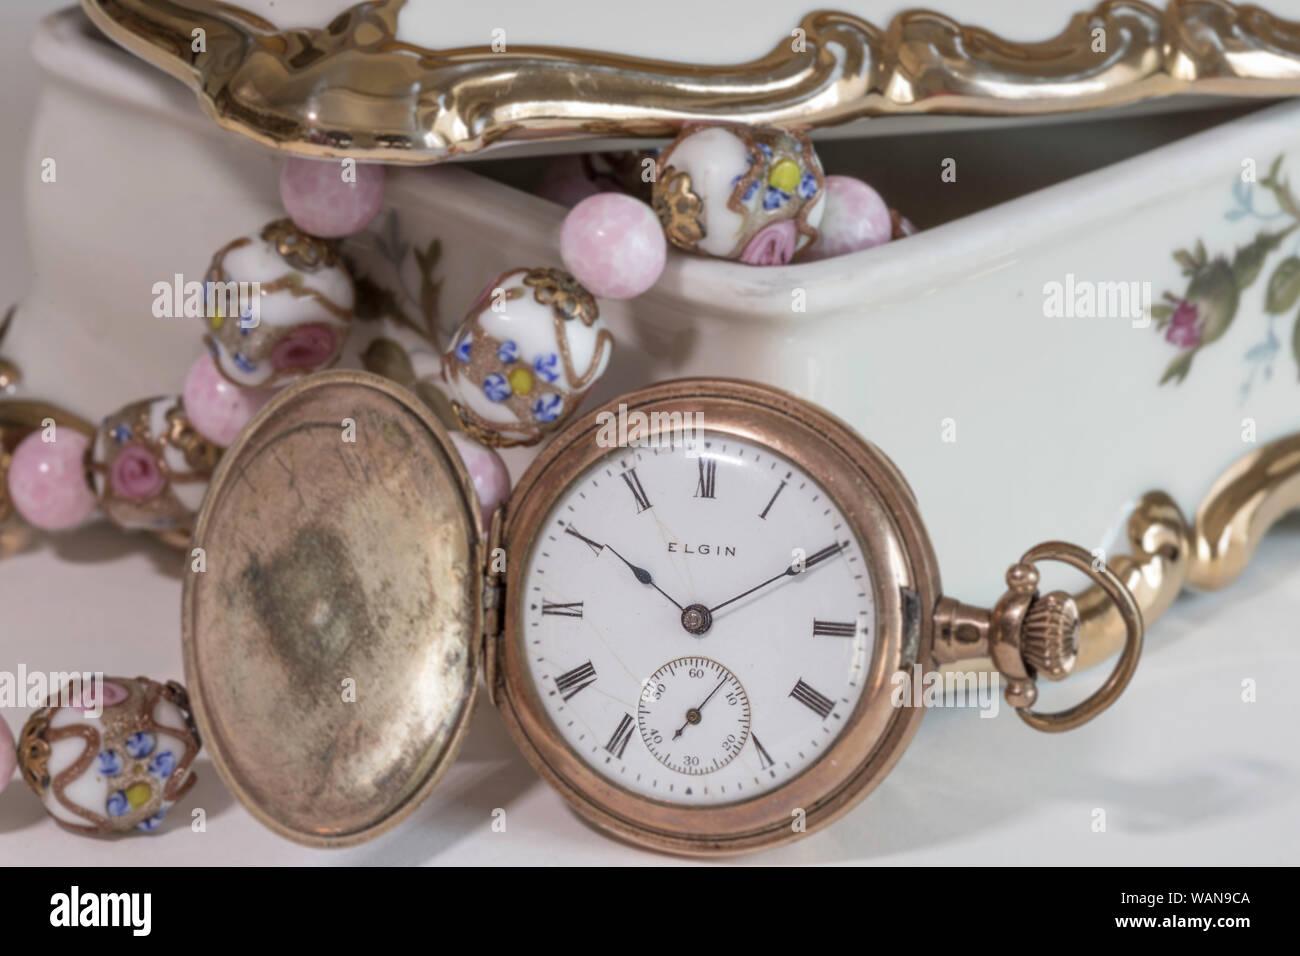 datazione Elgin orologi da polso